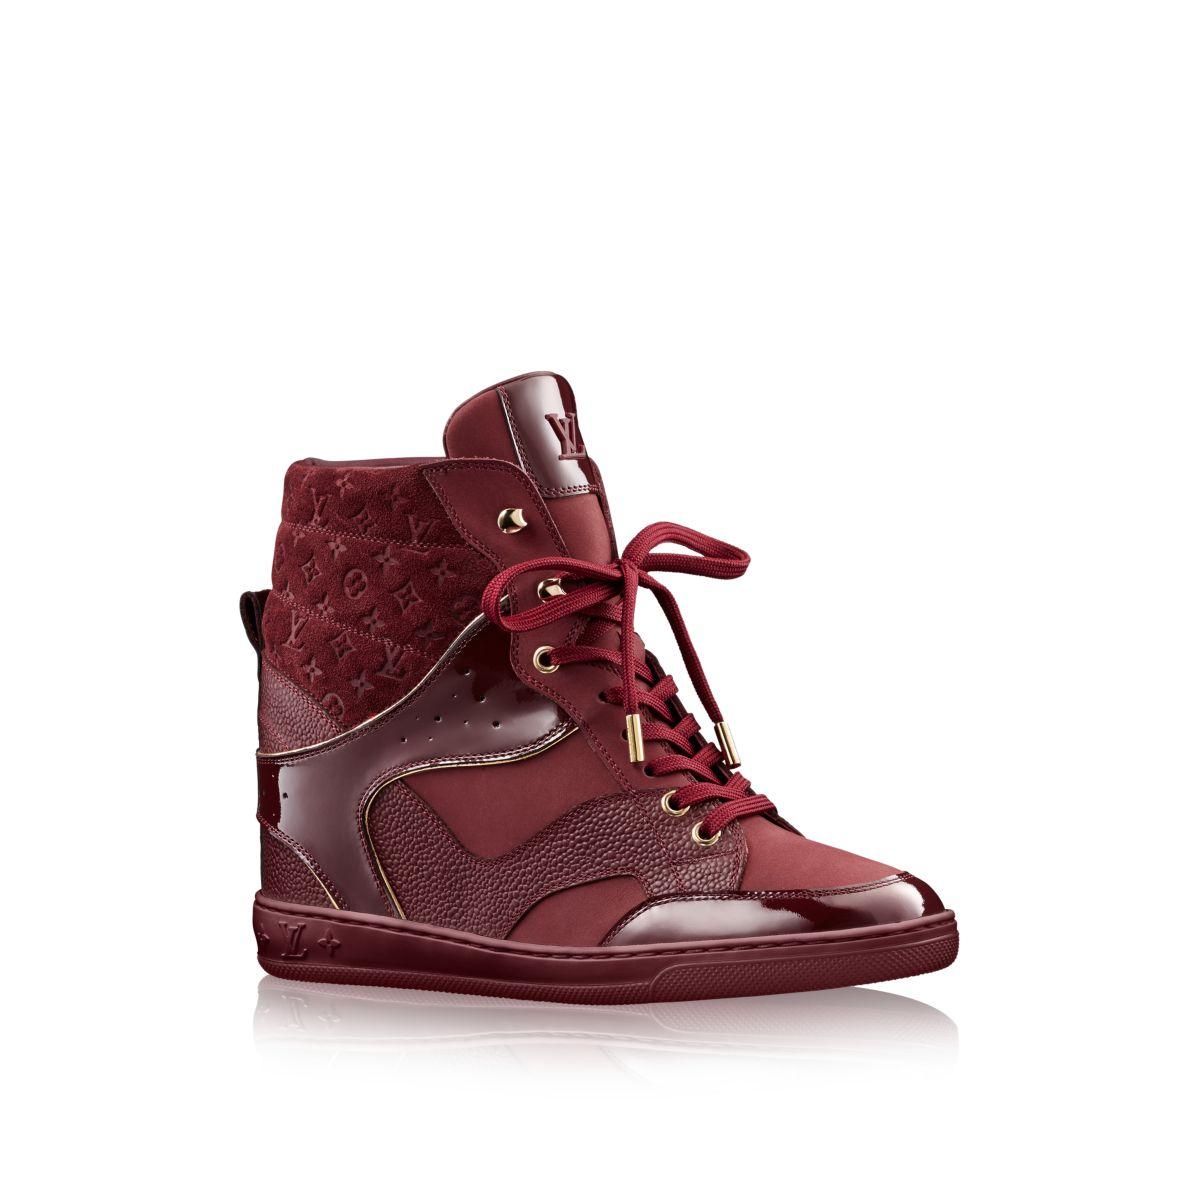 sneakers with hidden wedge heel bing images. Black Bedroom Furniture Sets. Home Design Ideas